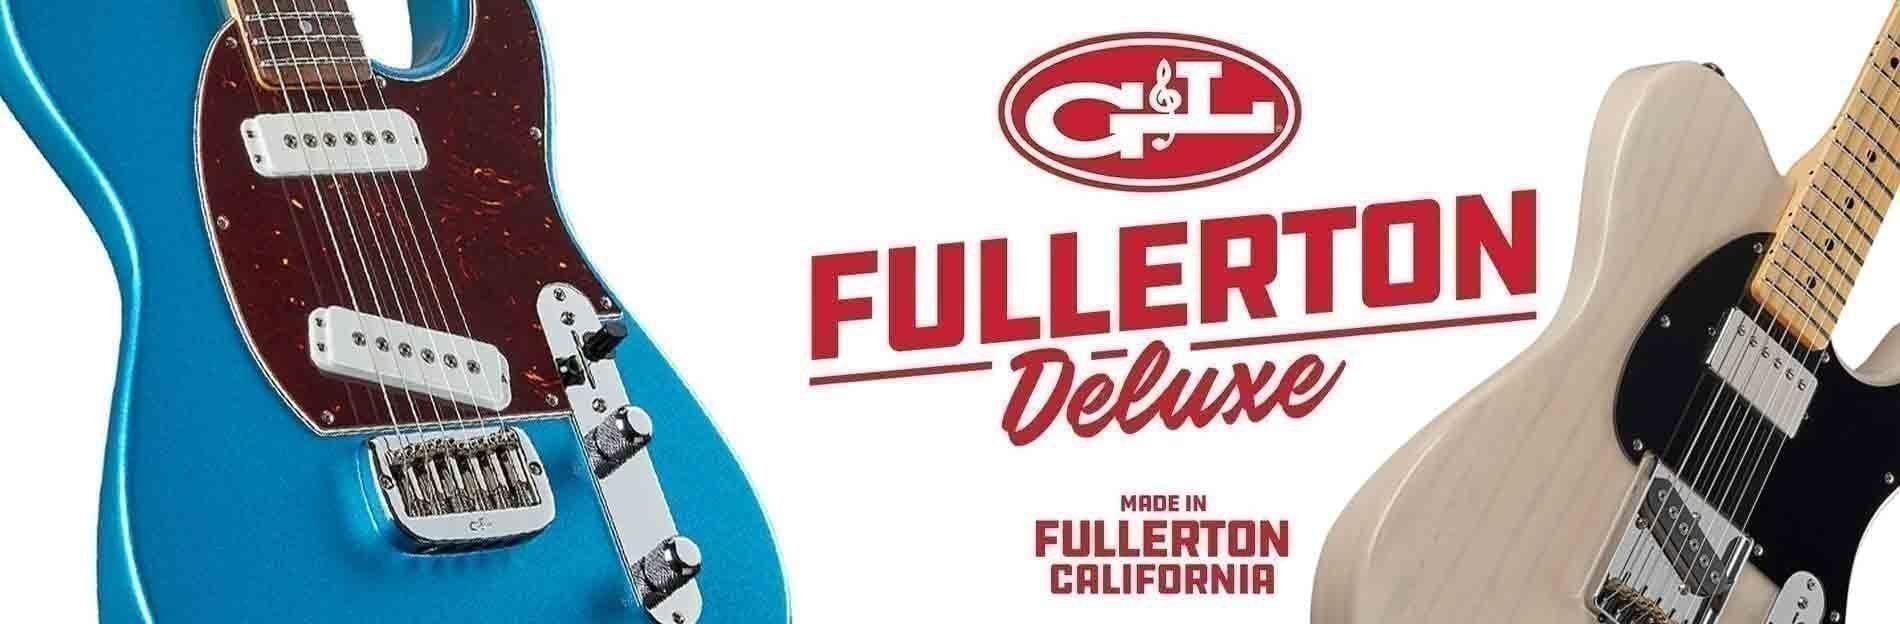 G&L Guitars Fullerton Deluxe